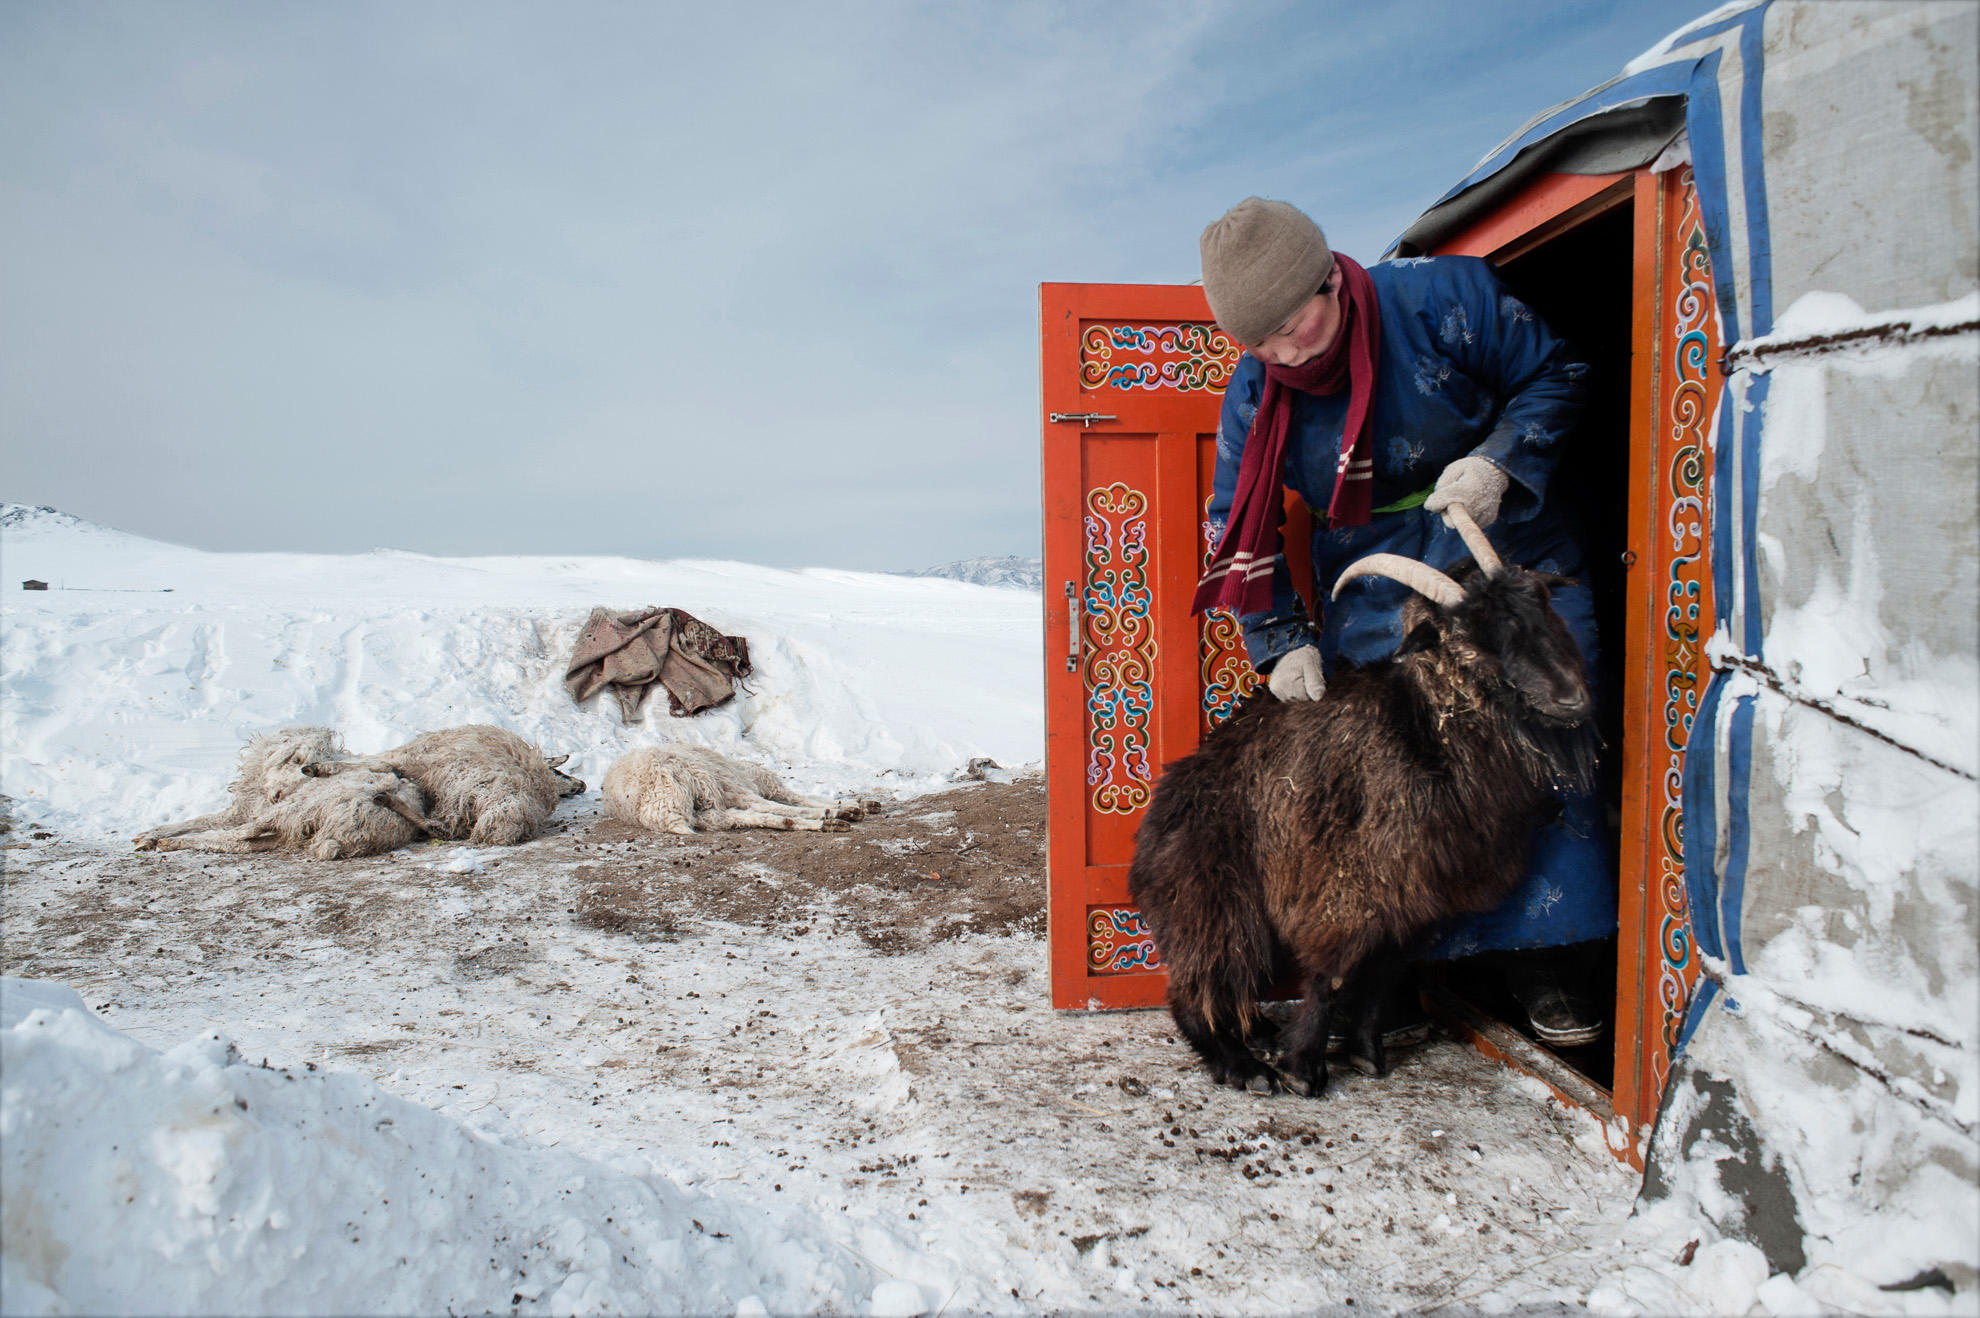 Erdene Tuya empujando fuera de su gher a un carnero que intentaba entrar buscando un lugar más cálido. Al fondo, algunas ovejas muertas.